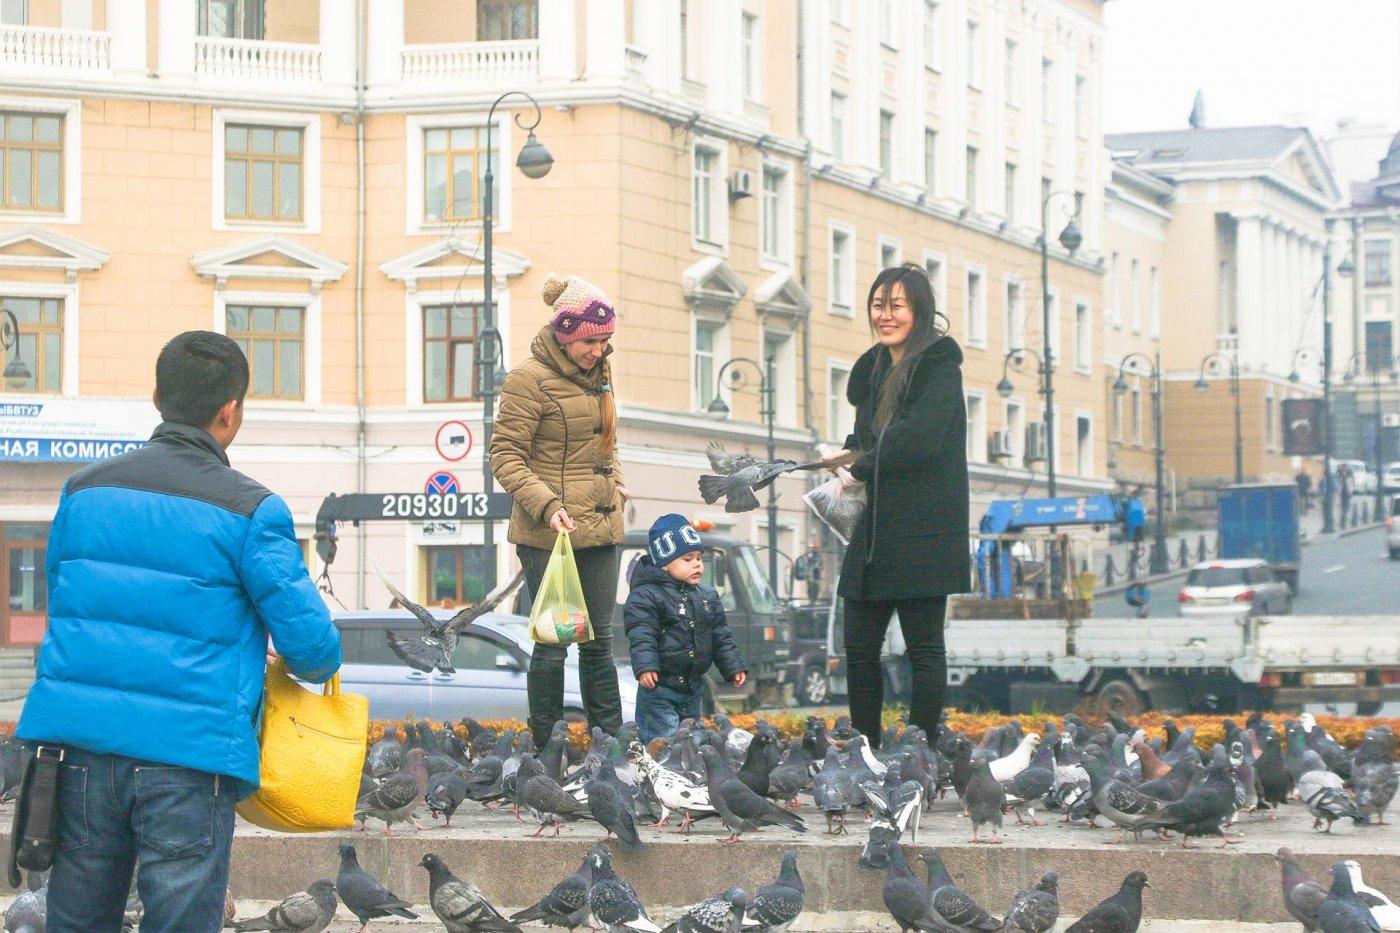 Фото 9536 (Copy).jpg. Россия, Приморский край, город Владивосток, Светланская улица, 29